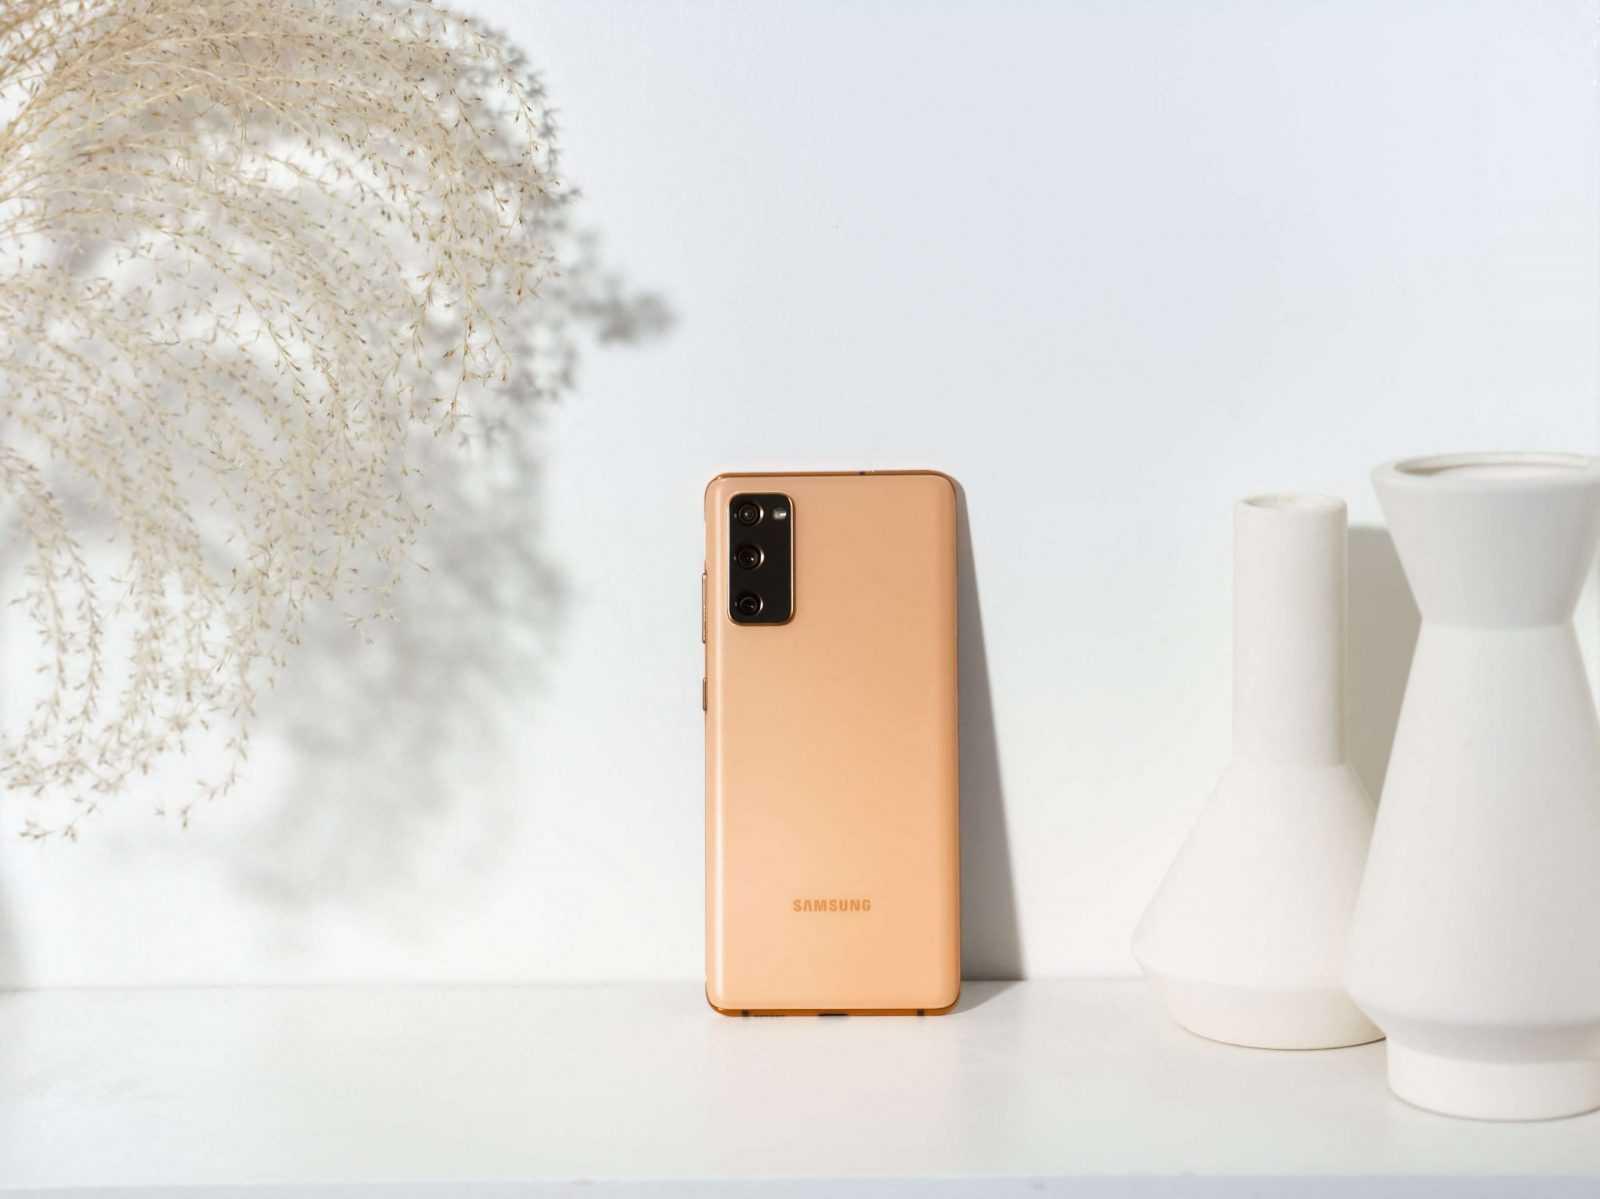 Samsung prezentē Galaxy S20 FE modeli - ar fanu iecienītākajām funkcijām par pieejamu cenu